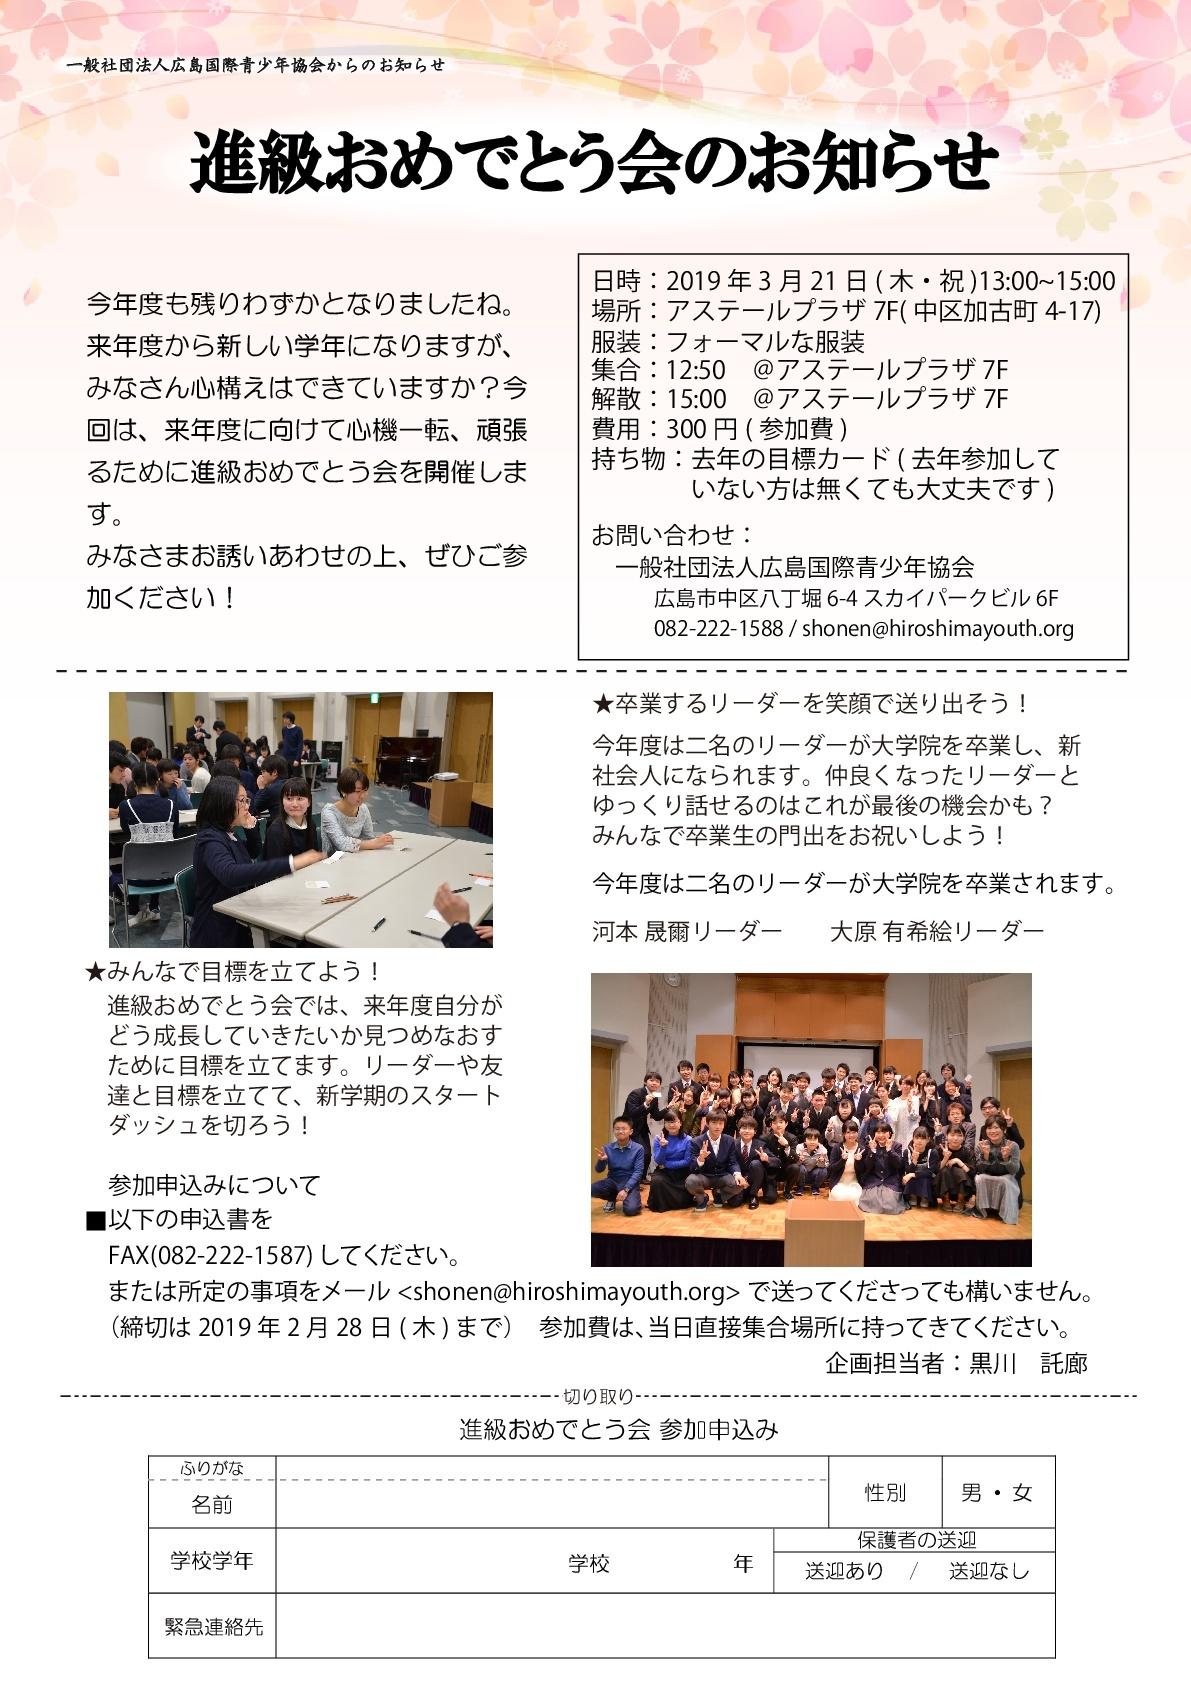 進級おめでとう会のお知らせ(PDF)-001.jpg